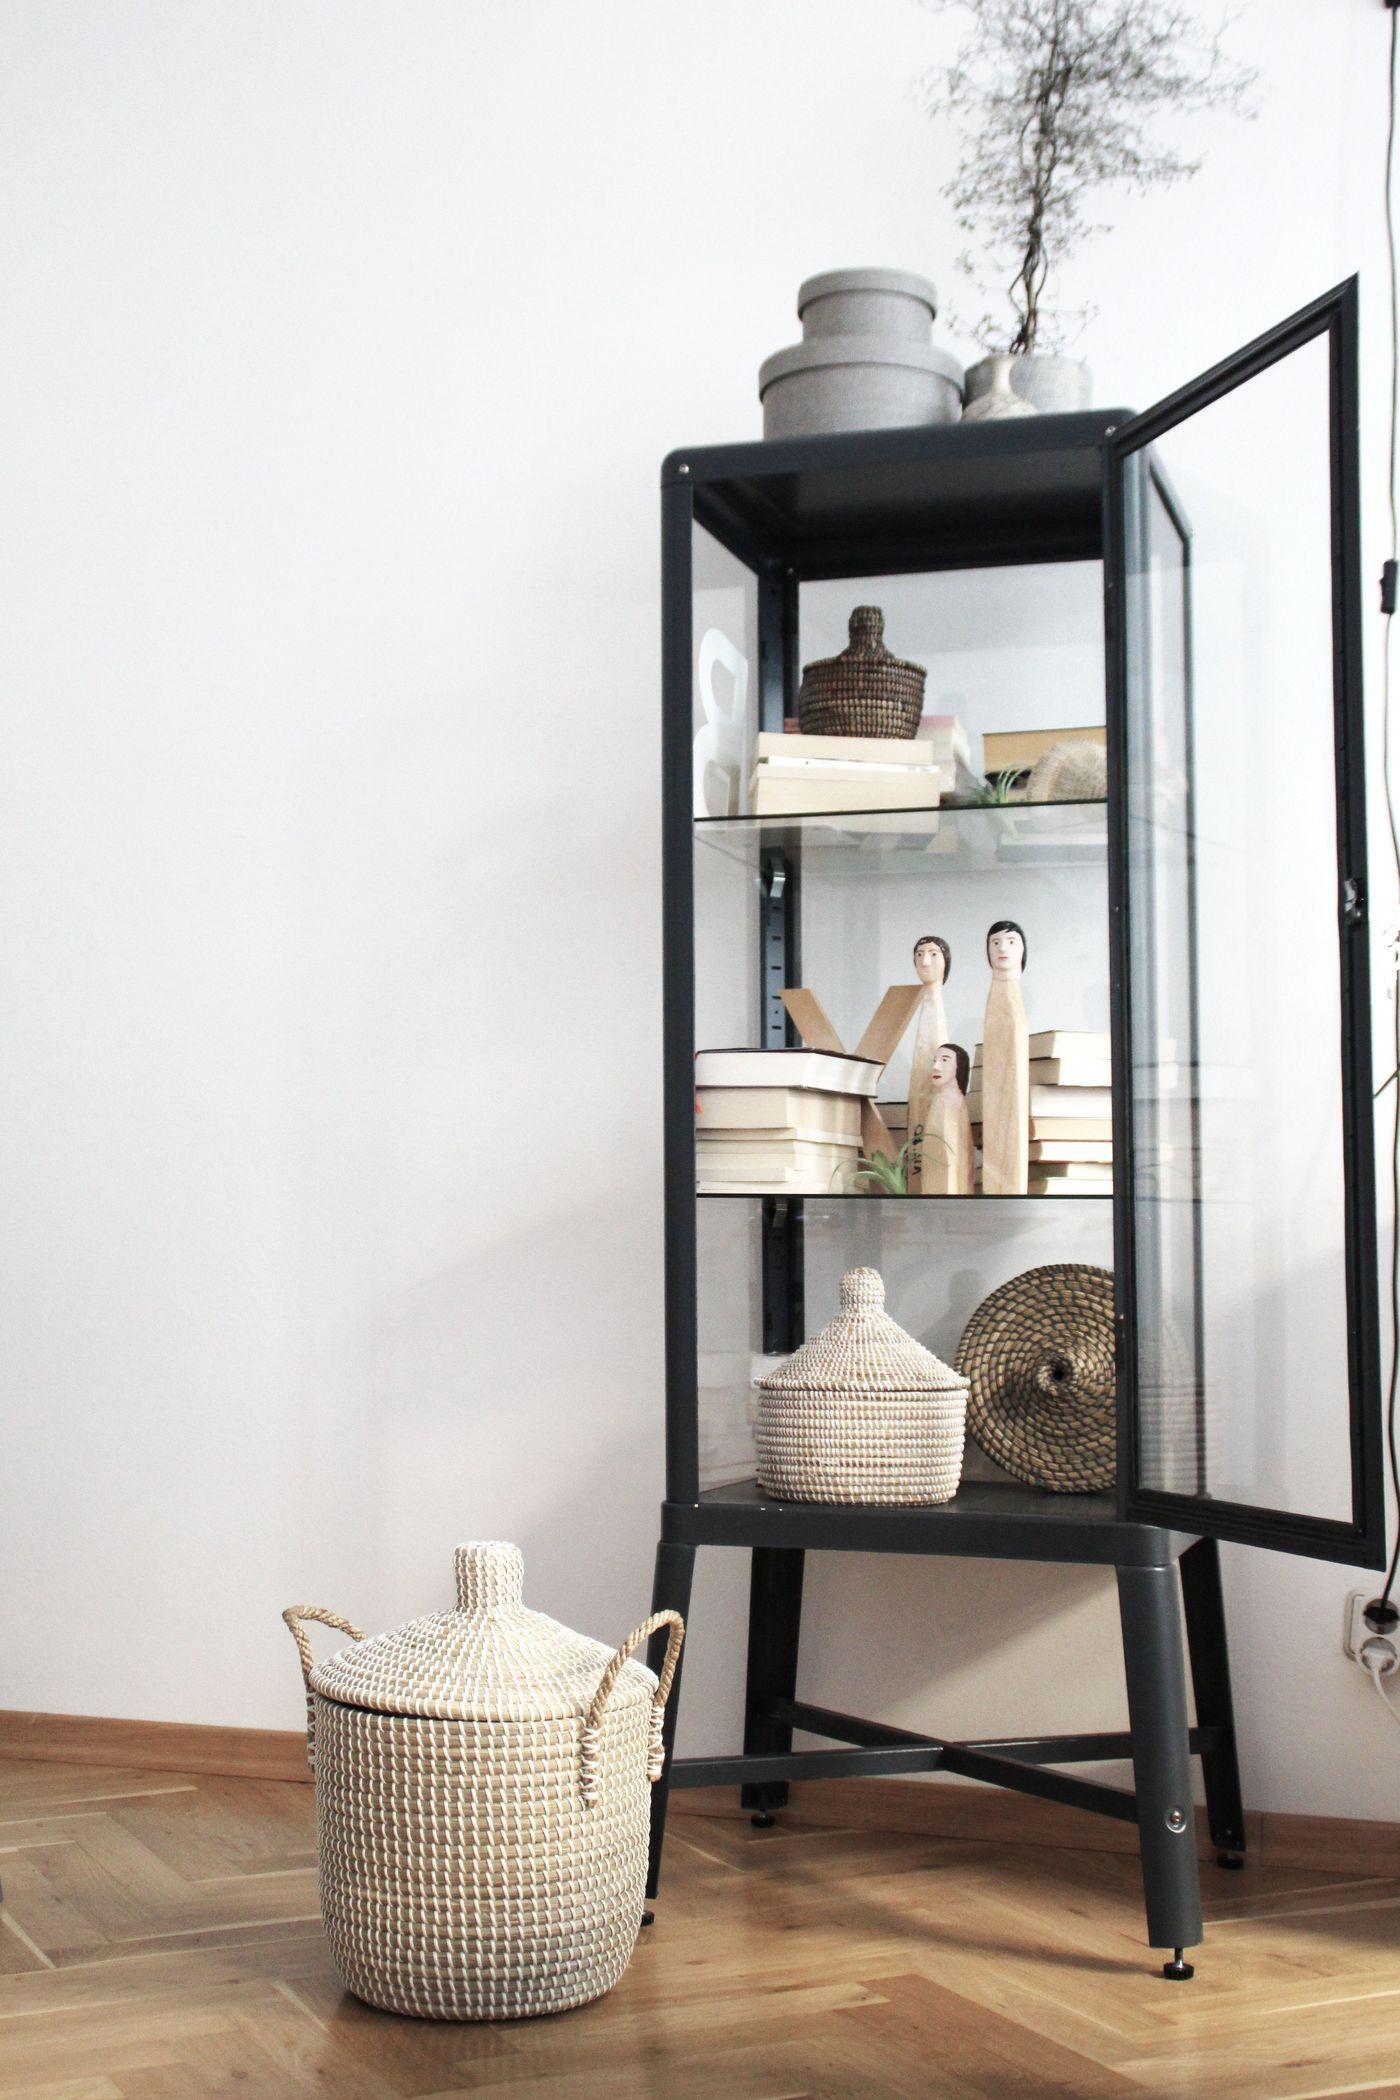 Full Size of Ideen Und Inspirationen Fr Ikea Schrnke Sofa Mit Schlaffunktion Küche Kosten Kaufen Vorratsschrank Betten Bei 160x200 Miniküche Modulküche Wohnzimmer Ikea Vorratsschrank